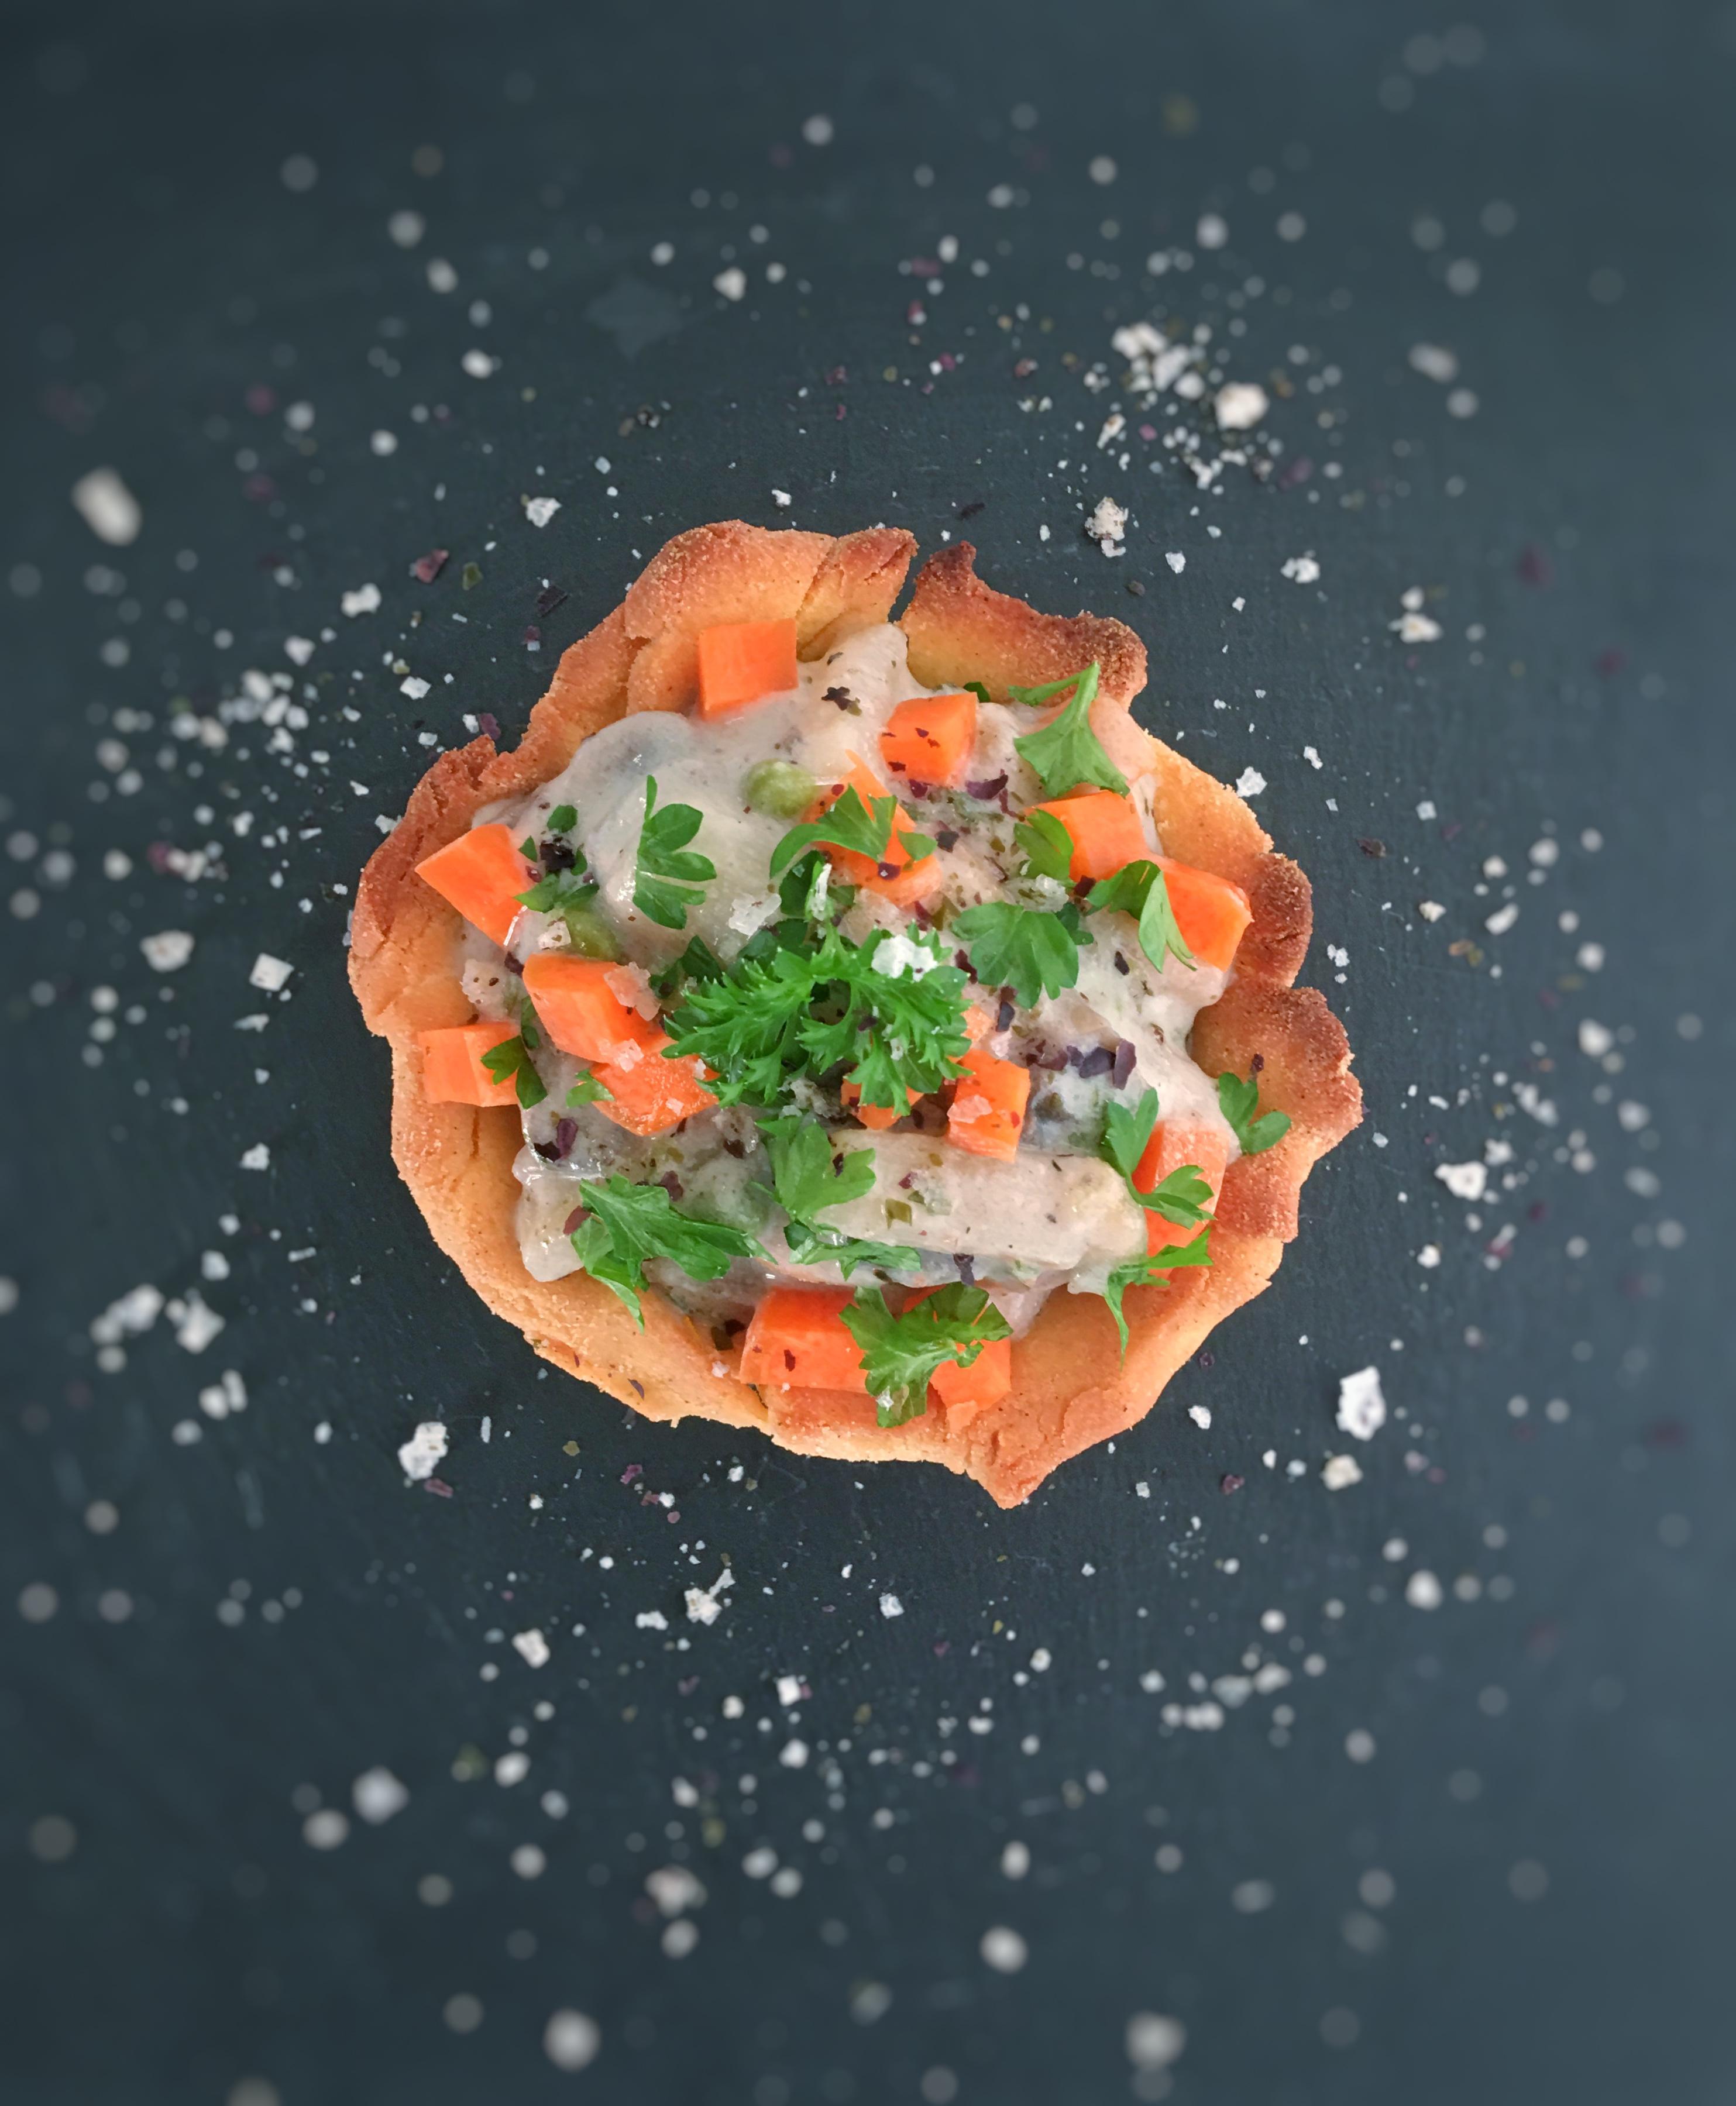 Glutenfri tarteletter med vegansk fyld af asparges og butter beans.